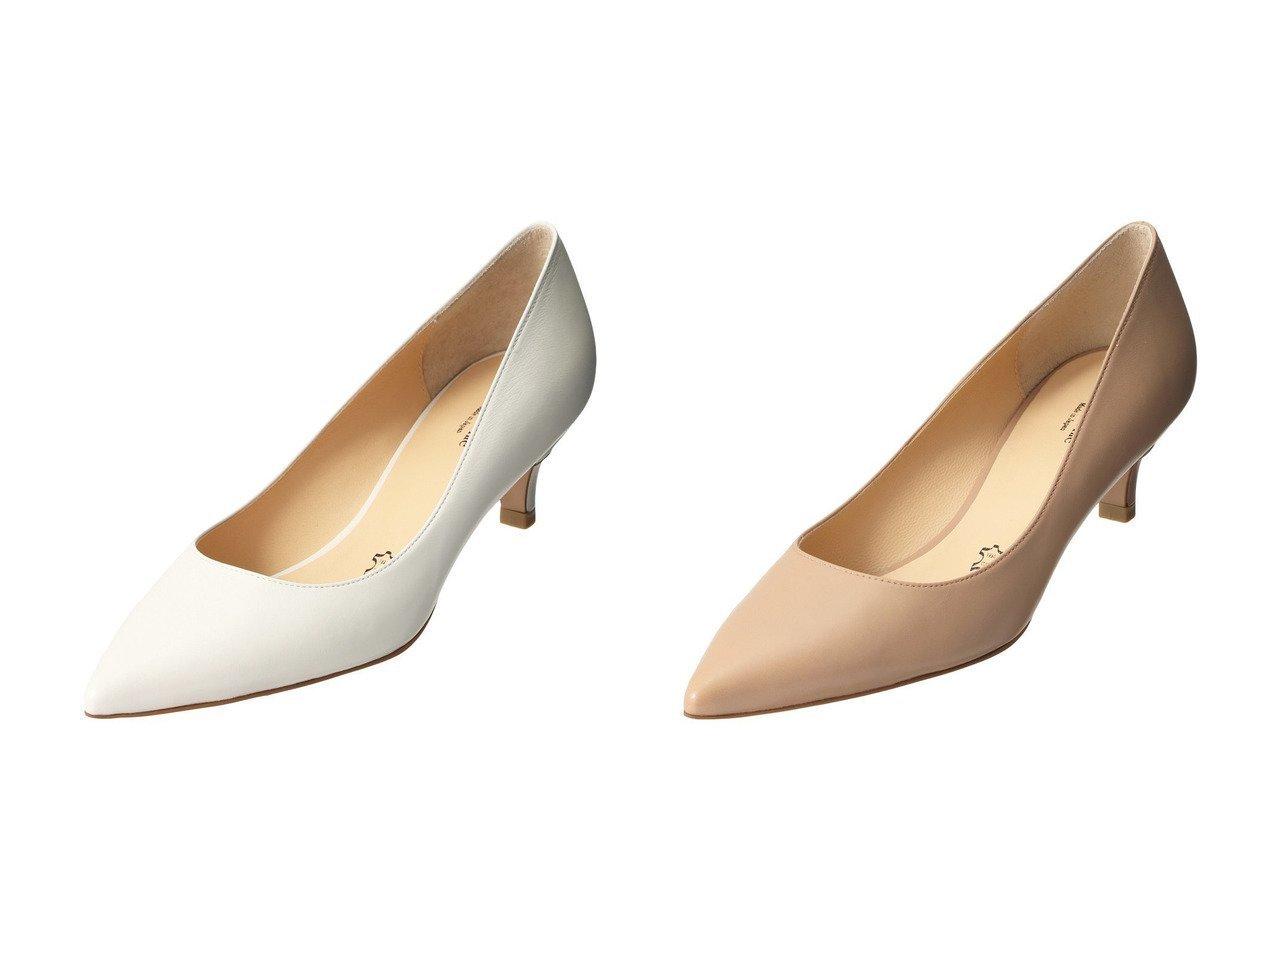 【allureville/アルアバイル】のポインテッドパンプス 【シューズ・靴】おすすめ!人気、トレンド・レディースファッションの通販   おすすめで人気の流行・トレンド、ファッションの通販商品 メンズファッション・キッズファッション・インテリア・家具・レディースファッション・服の通販 founy(ファニー) https://founy.com/ ファッション Fashion レディースファッション WOMEN 2021年 2021 2021春夏・S/S SS/Spring/Summer/2021 S/S・春夏 SS・Spring/Summer なめらか シンプル ヌーディ 春 Spring |ID:crp329100000026879